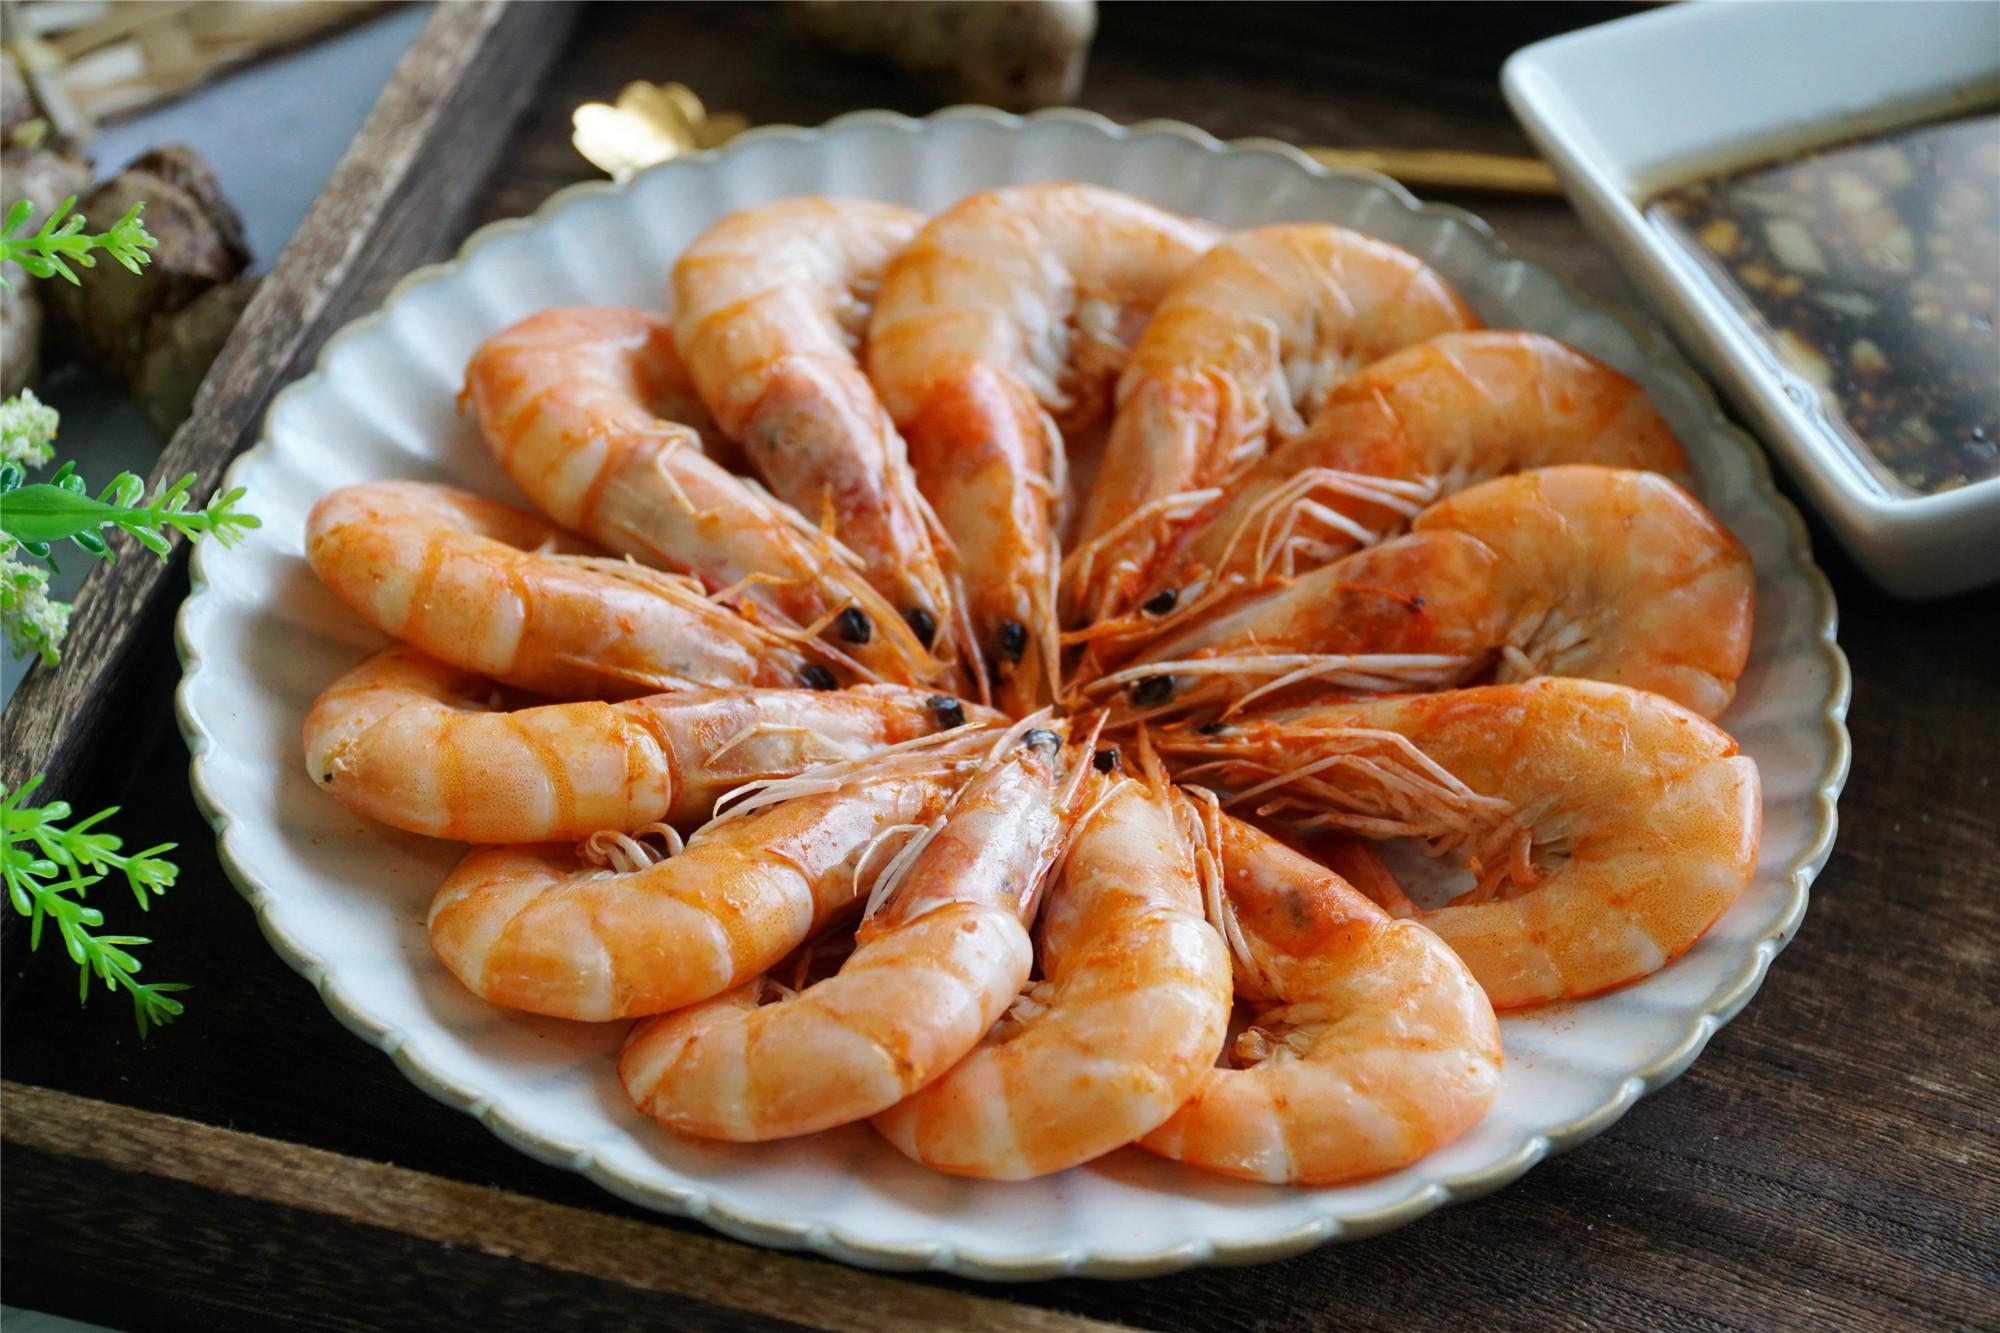 小满到了,适合大热天吃的10道菜,夏天照着做,不愁没好菜了 美食做法 第11张